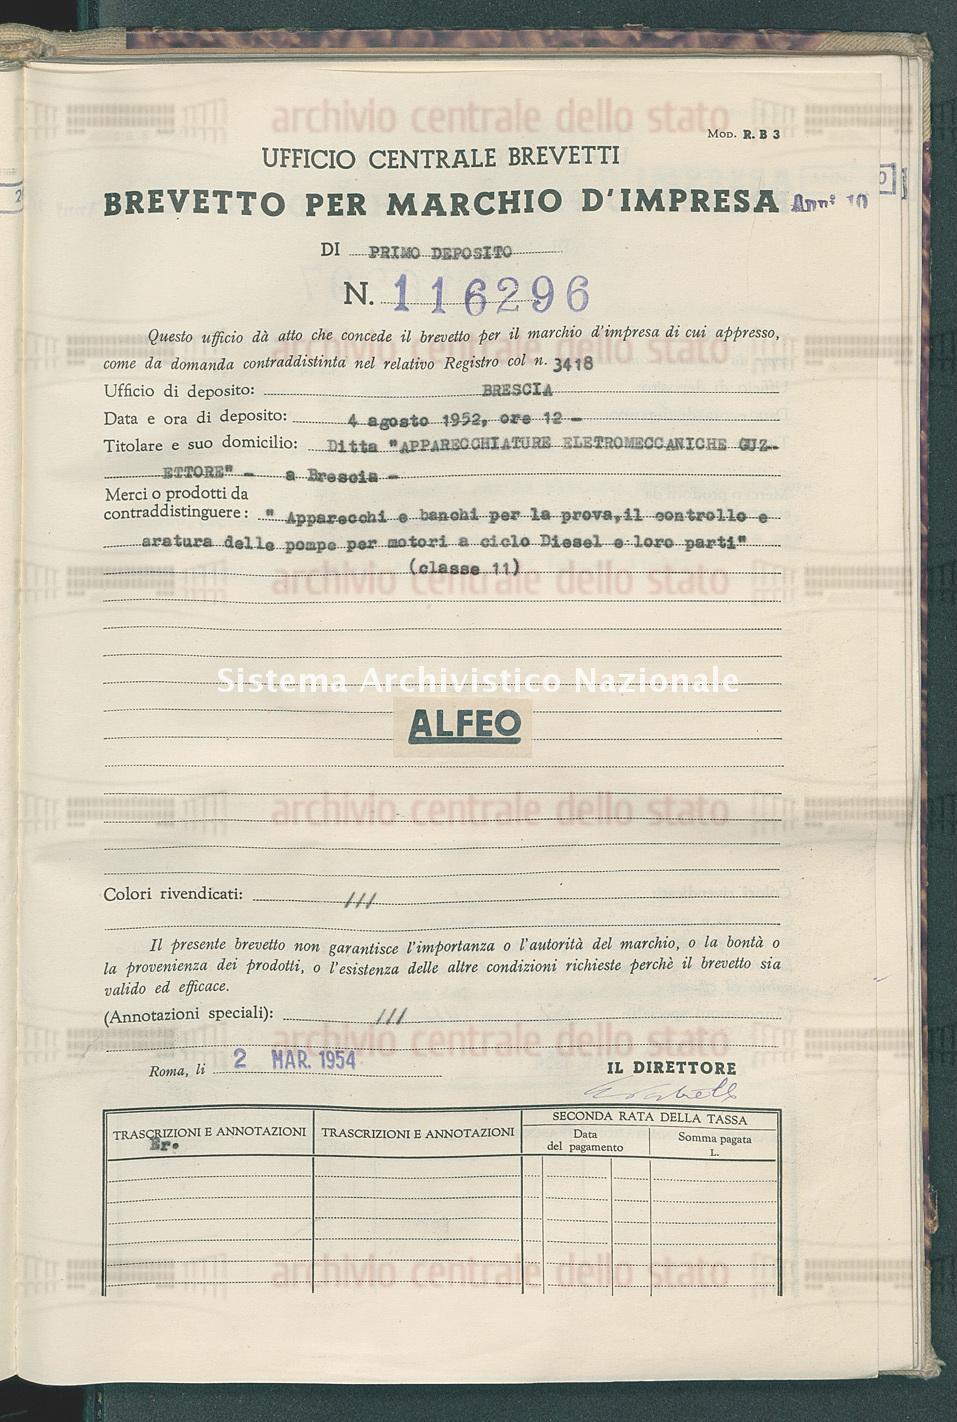 'Apparecchi e banchi per la prova, il controllo e aratura dello pompe Ditta 'Apparecchiature Eletromeccaniche Cuz-Ettore' (02/03/1954)